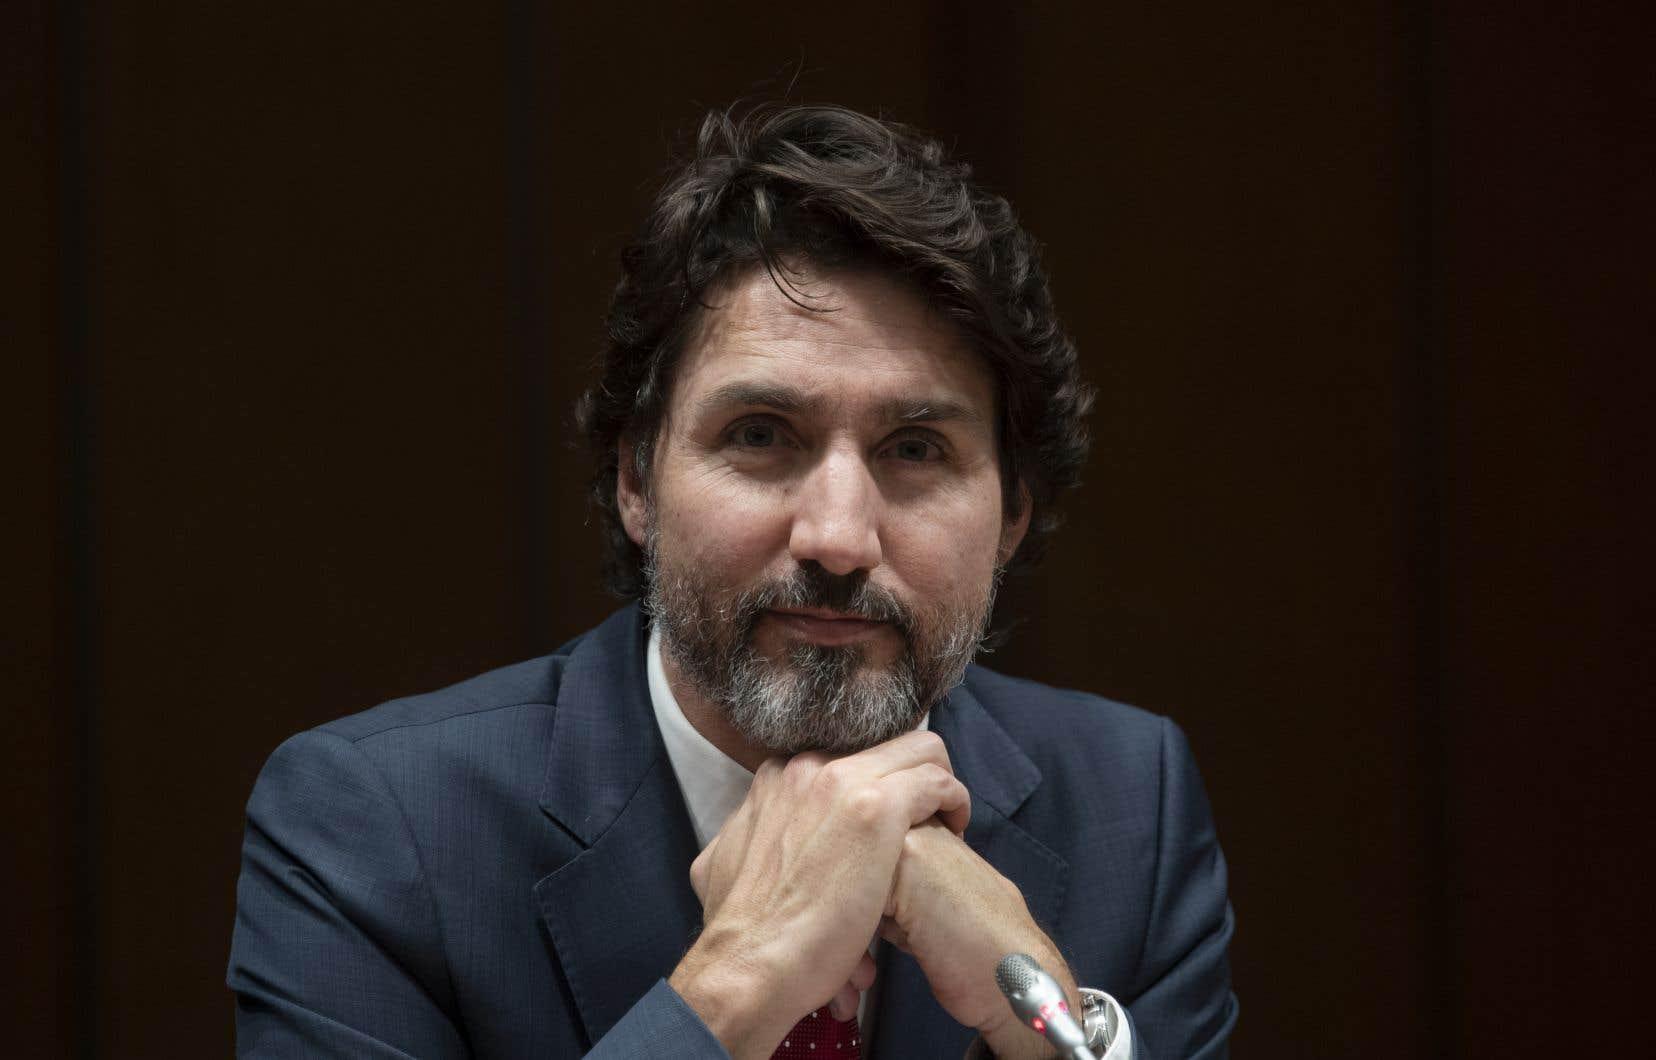 Le premier appel téléphonique du 46eprésident américain, Joe Biden, avec un dirigeant étranger a eu lieu vendredi avec le premier ministre Justin Trudeau.